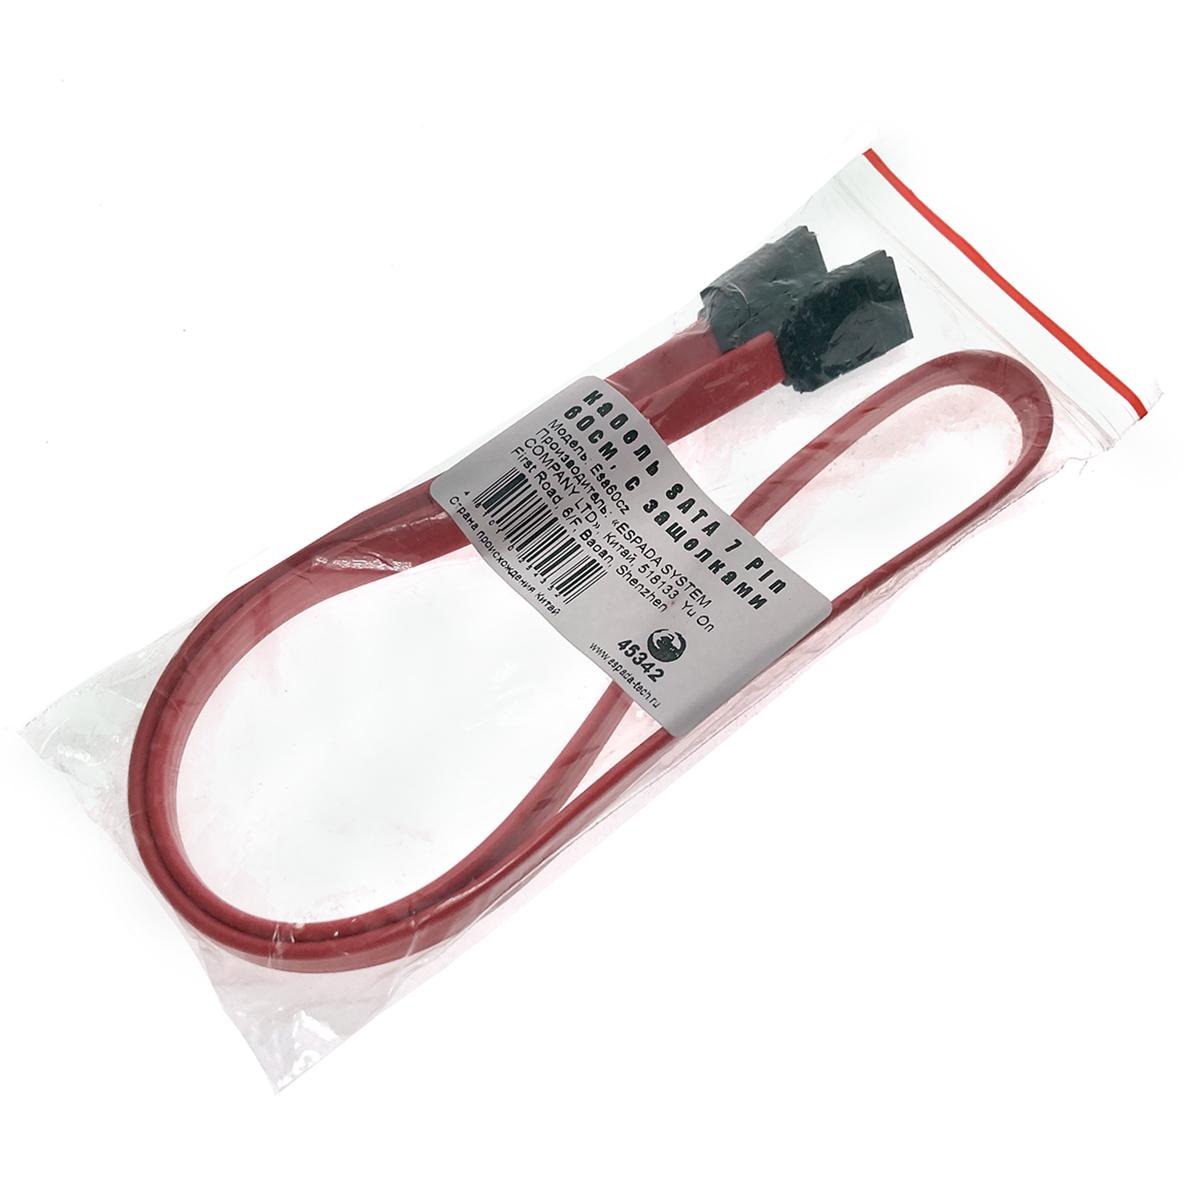 Кабель SATА 7 Pin 60см с защелками Espada Esa60cz / интерфейсный кабель /